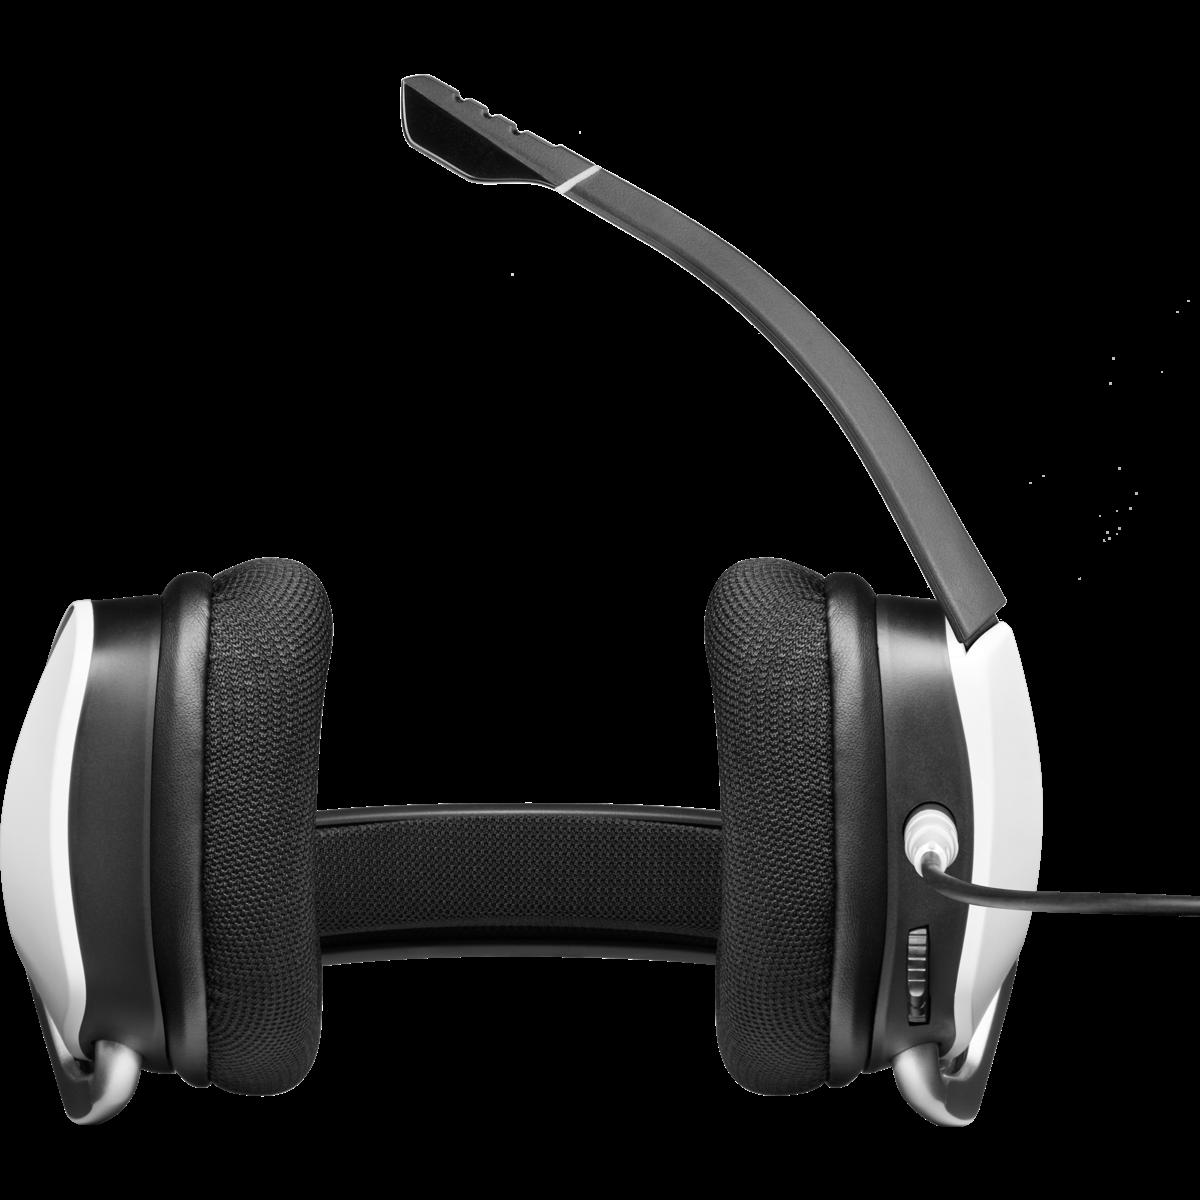 Headset Gamer Corsair Void RGB Elite, 7.1 Surround, White, CA-9011204-NA